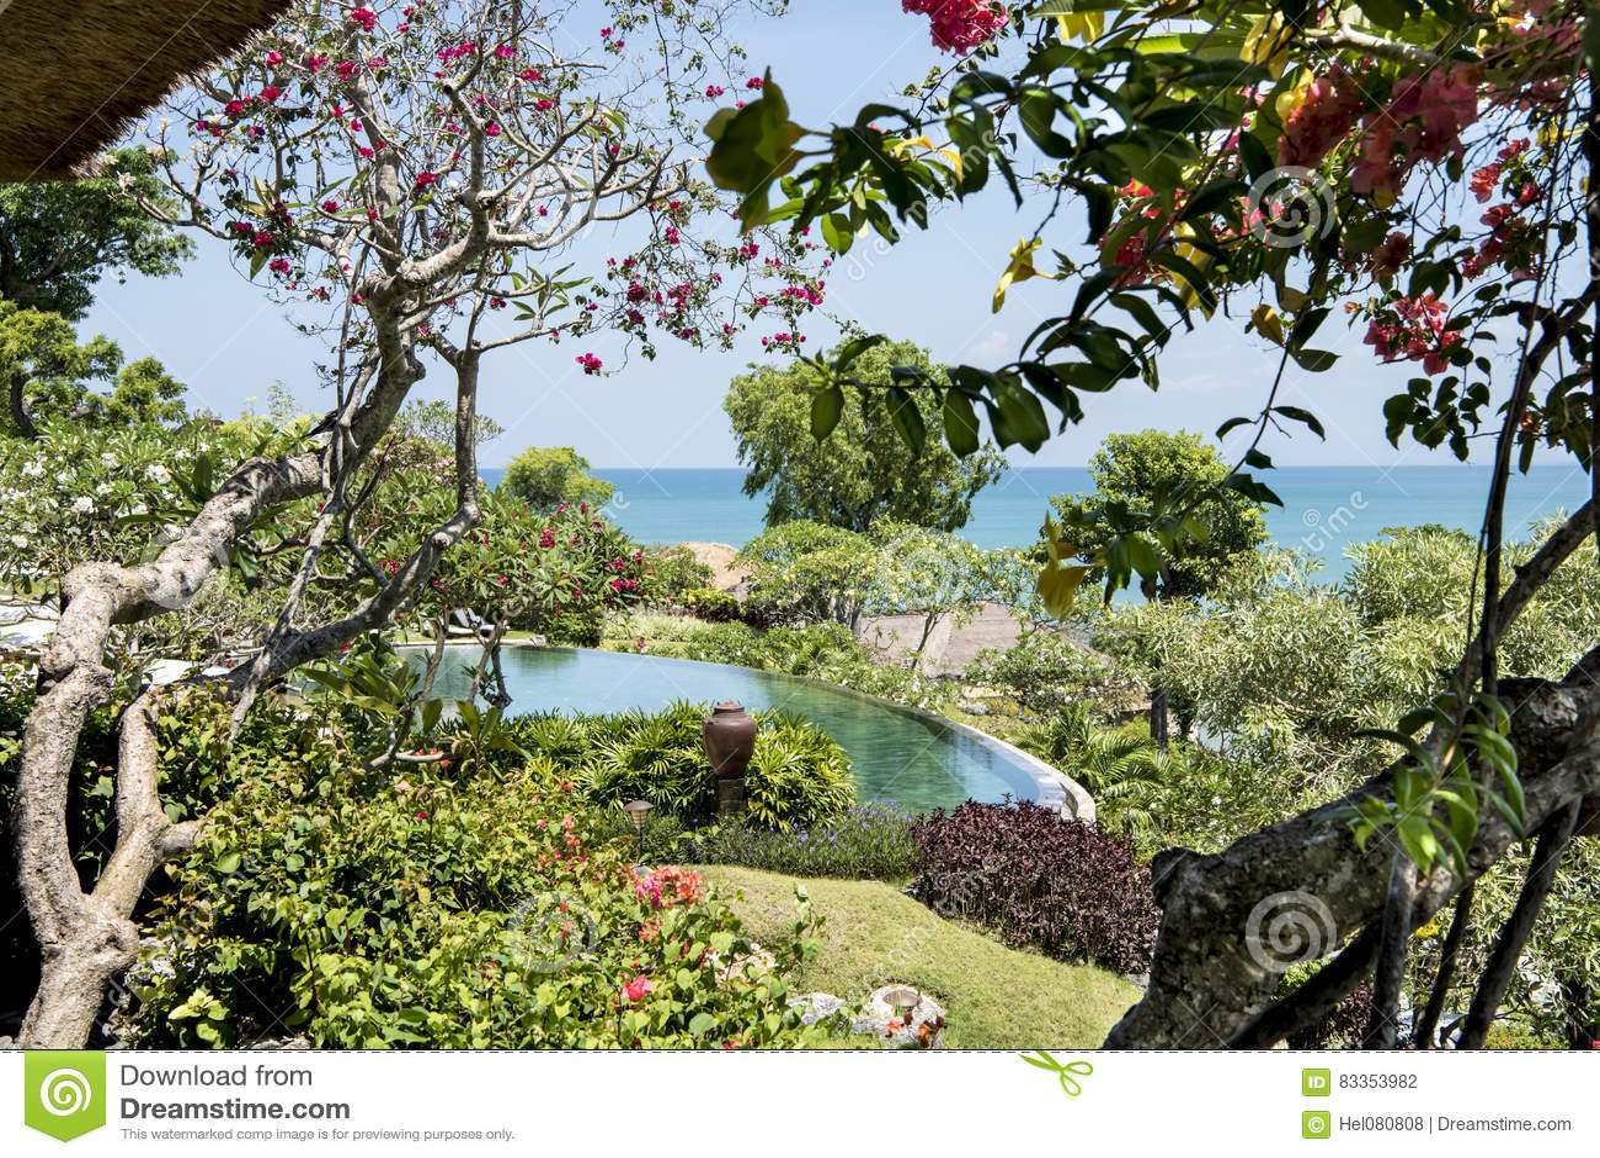 Schöner Garten Mit Pool Des Erholungsortes, Bali